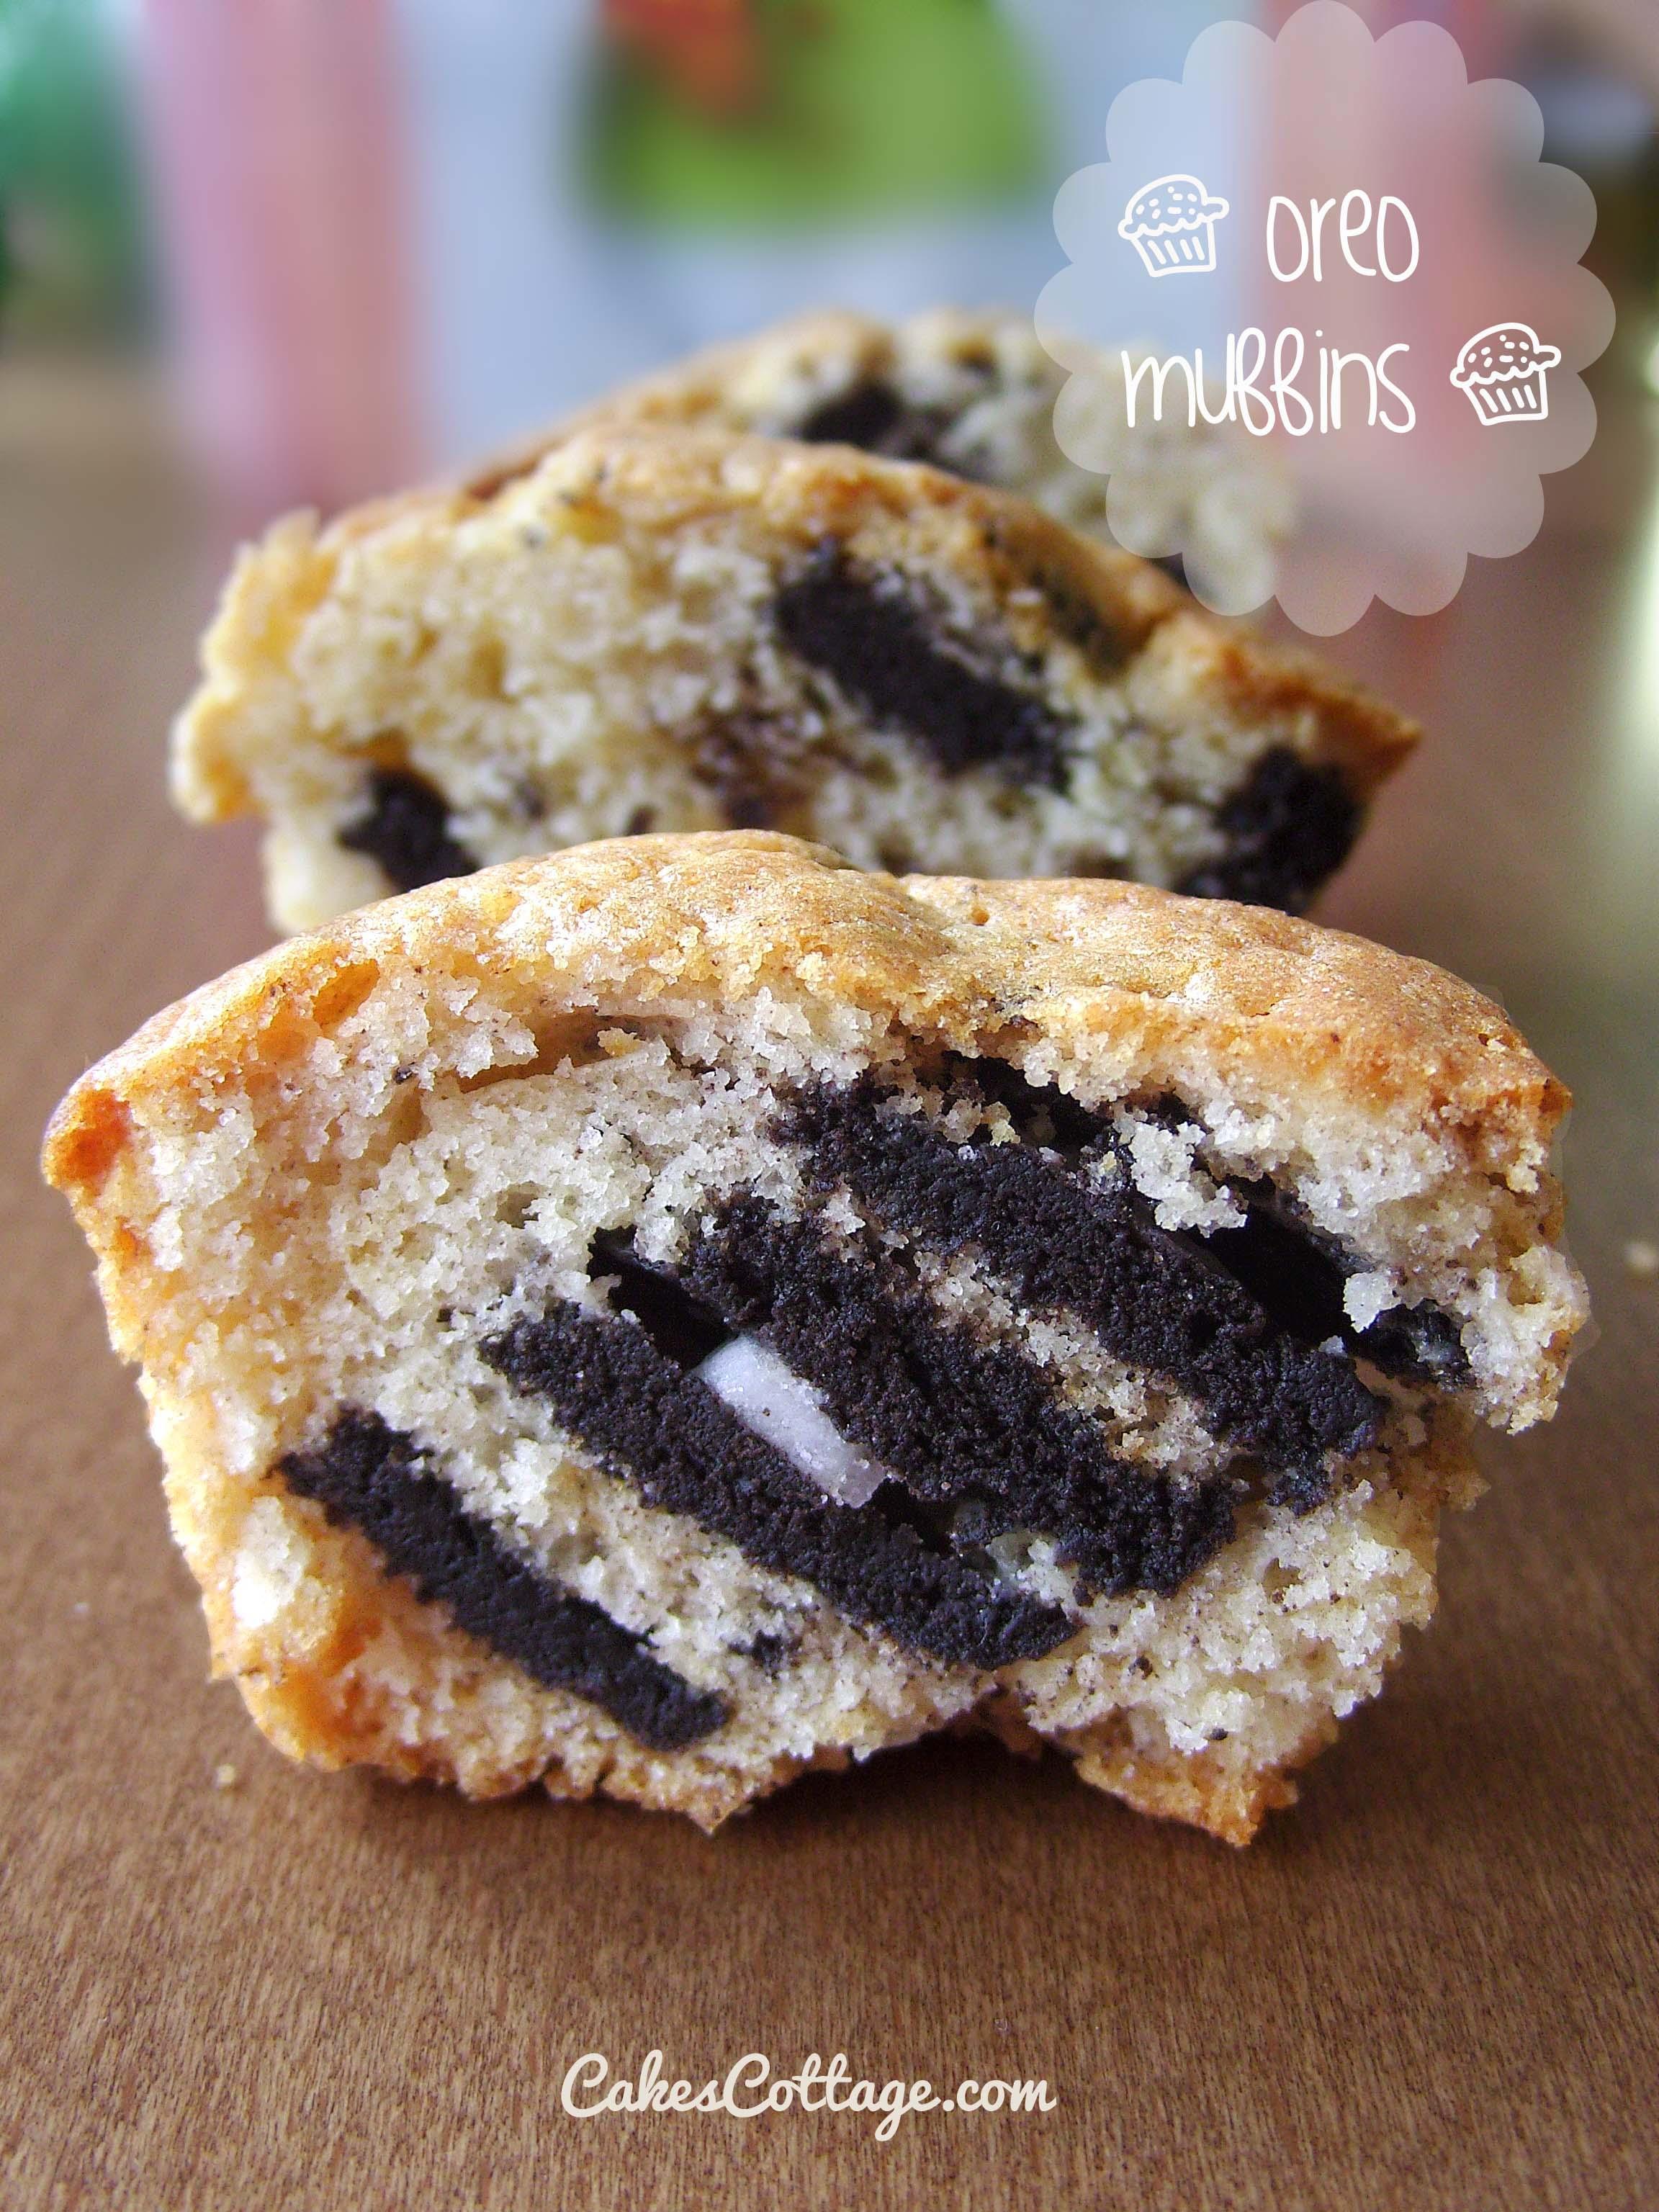 Oreo-Muffins